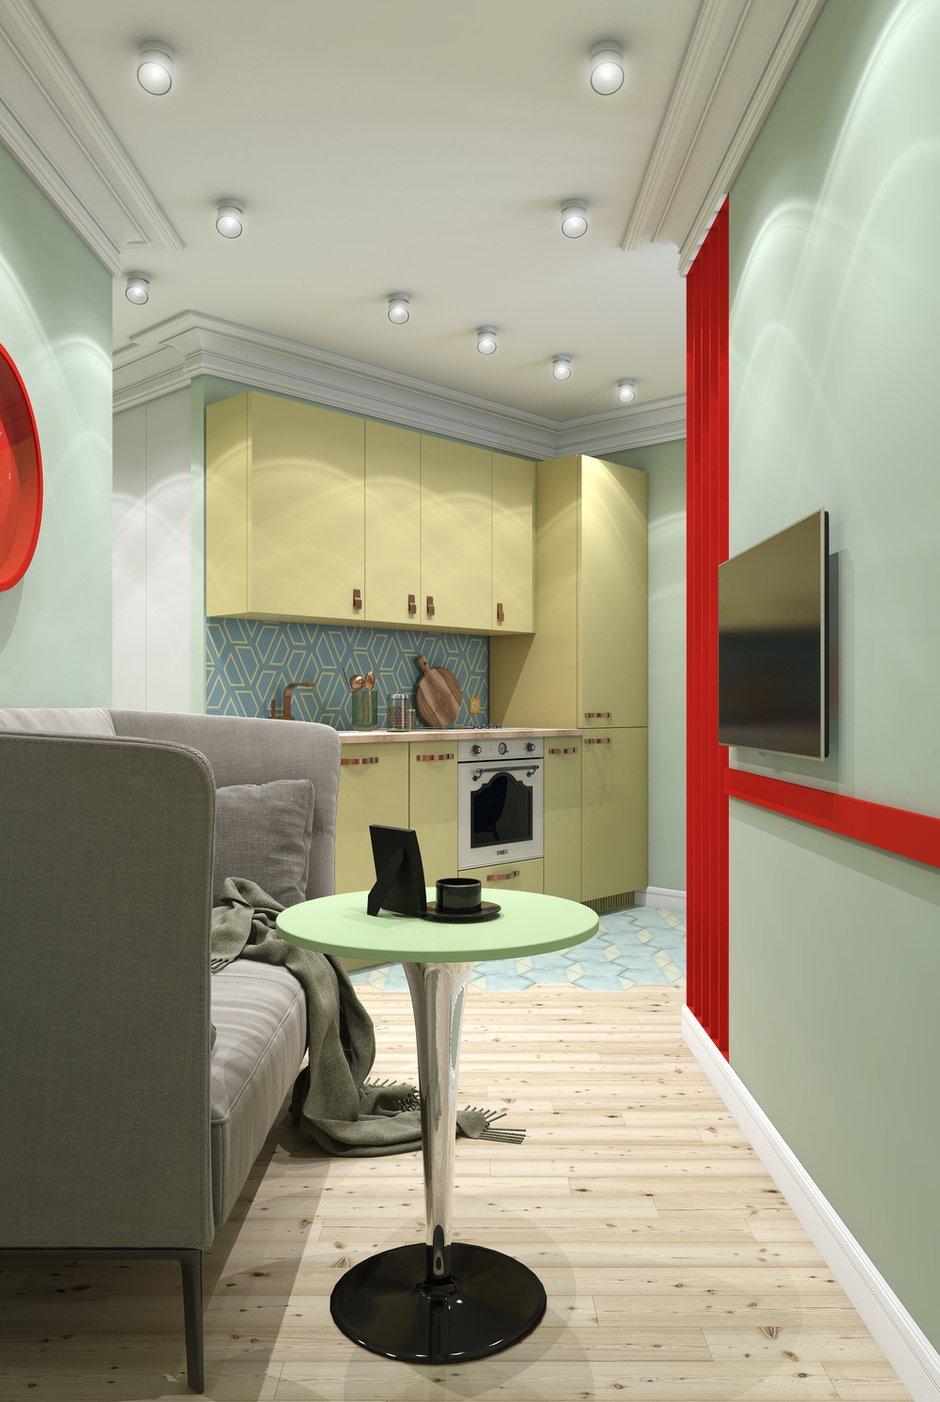 Фотография: Гостиная в стиле Современный, Квартира, Студия, Проект недели, Марина Саркисян, Финляндия, до 40 метров – фото на INMYROOM